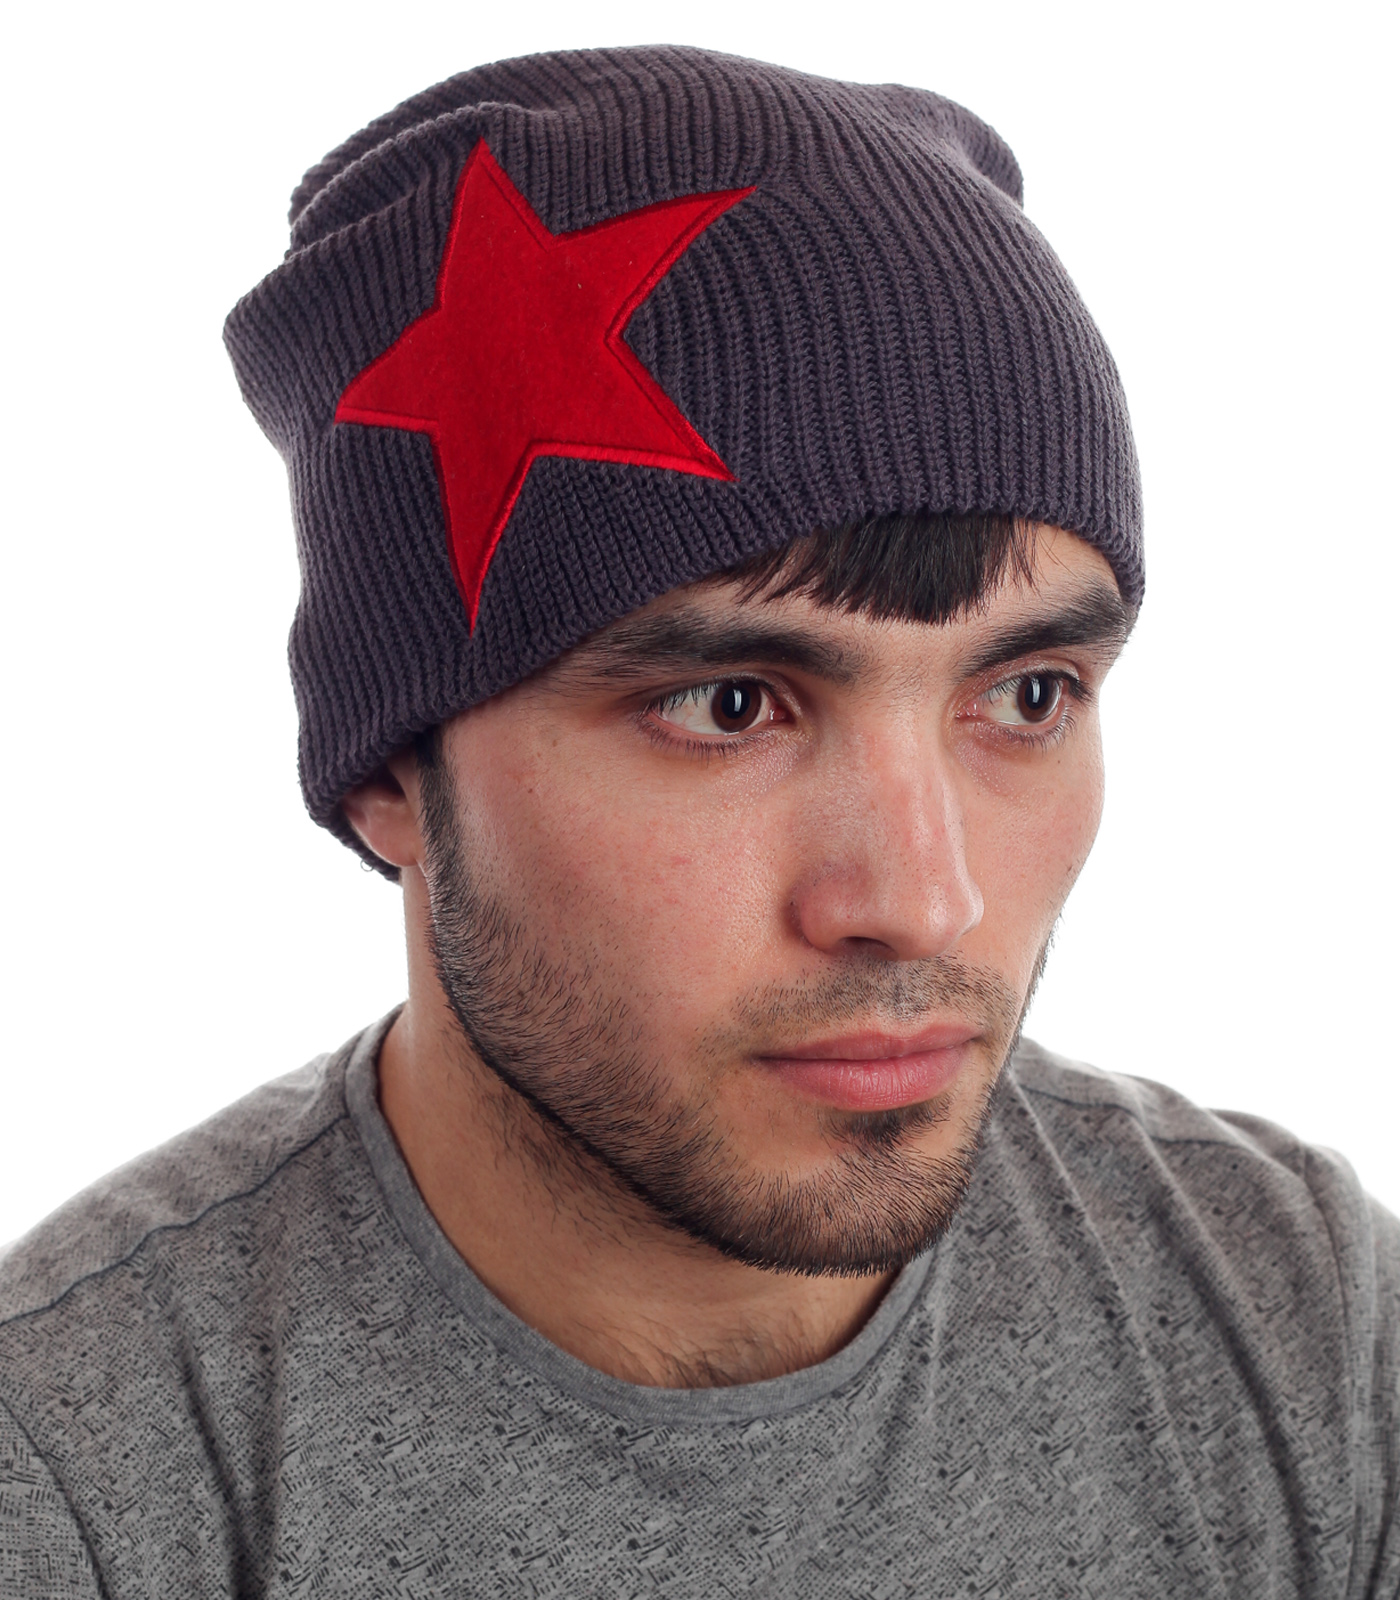 Мужская вязаная шапка Red Star. Поможет в самый холодный день!